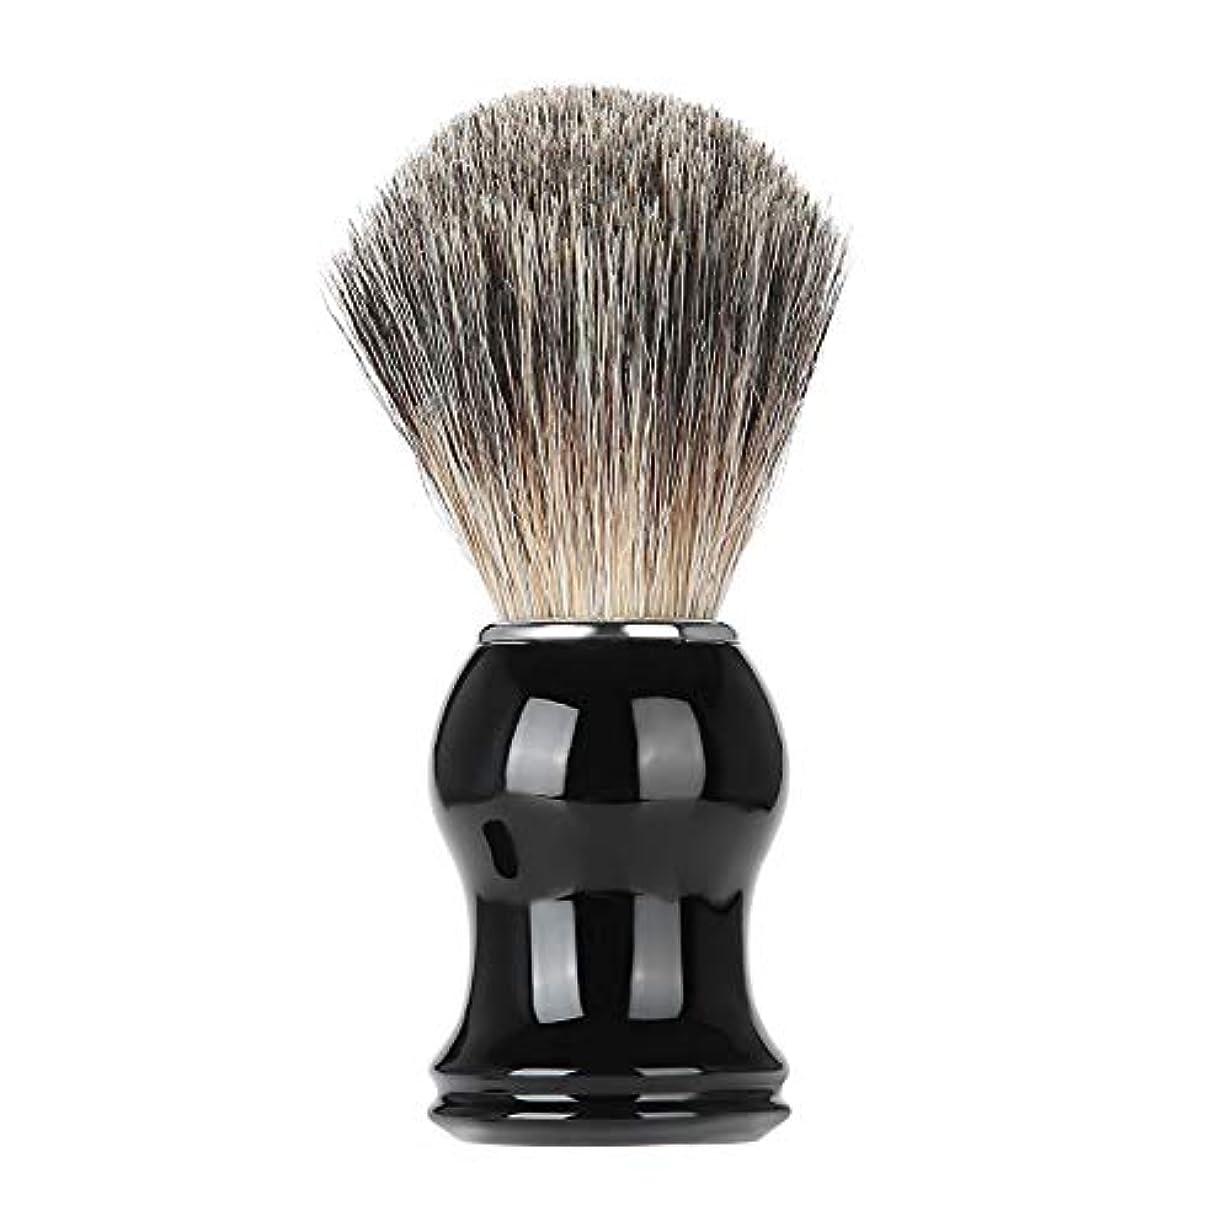 困惑したレイ犯罪Nitrip シェービングブラシ ひげブラシ ひげケア アナグマ毛 理容 洗顔 髭剃り 泡立ち シェービング用アクセサリー 男性用 高級